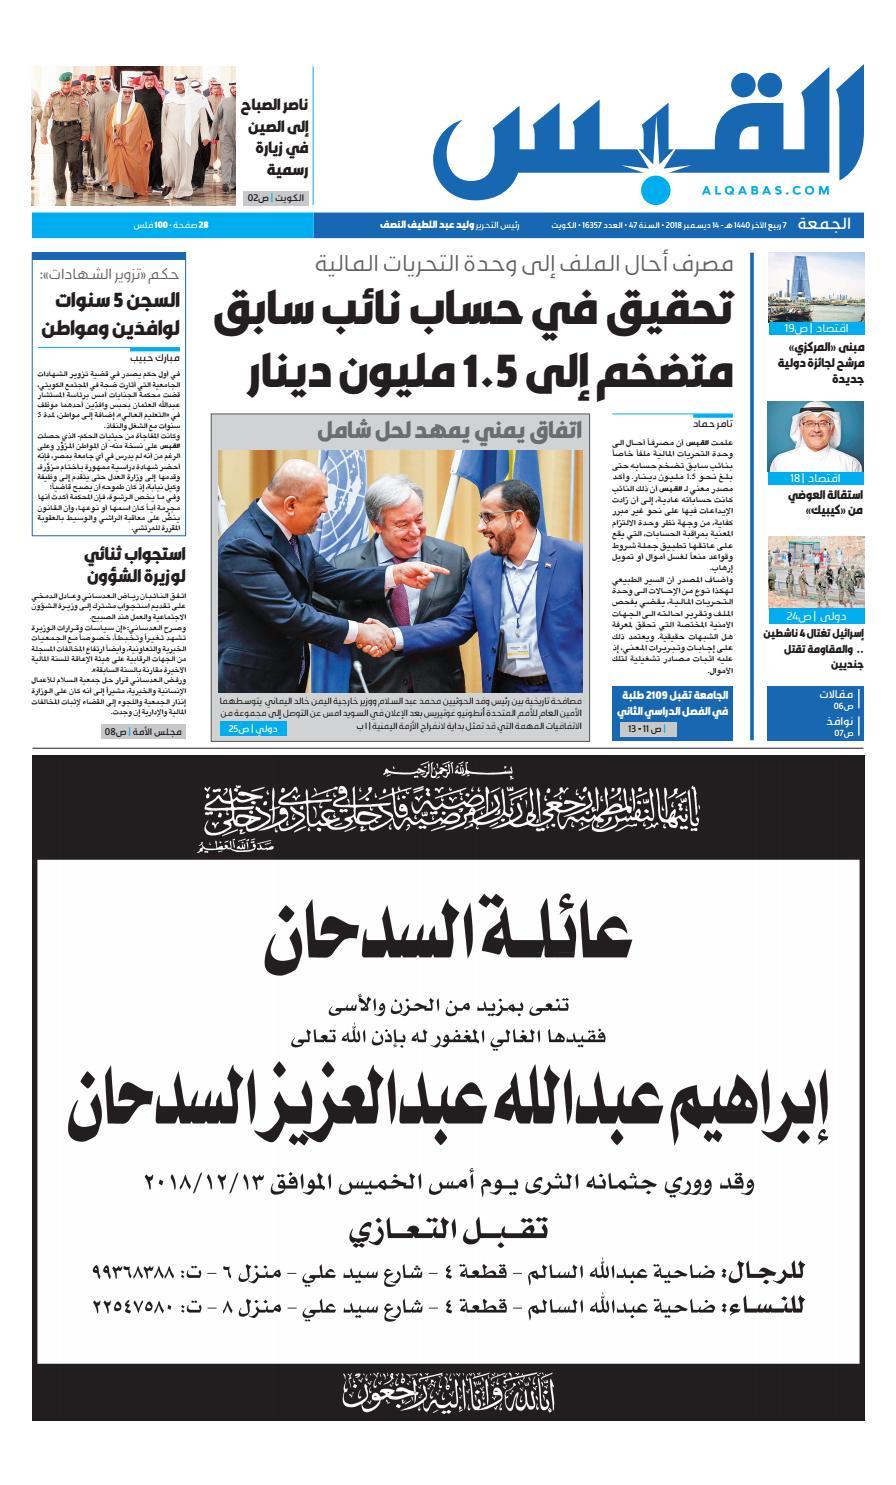 القبس عدد الجمعة 14 ديسمبر 2018 By Alqabas Issuu